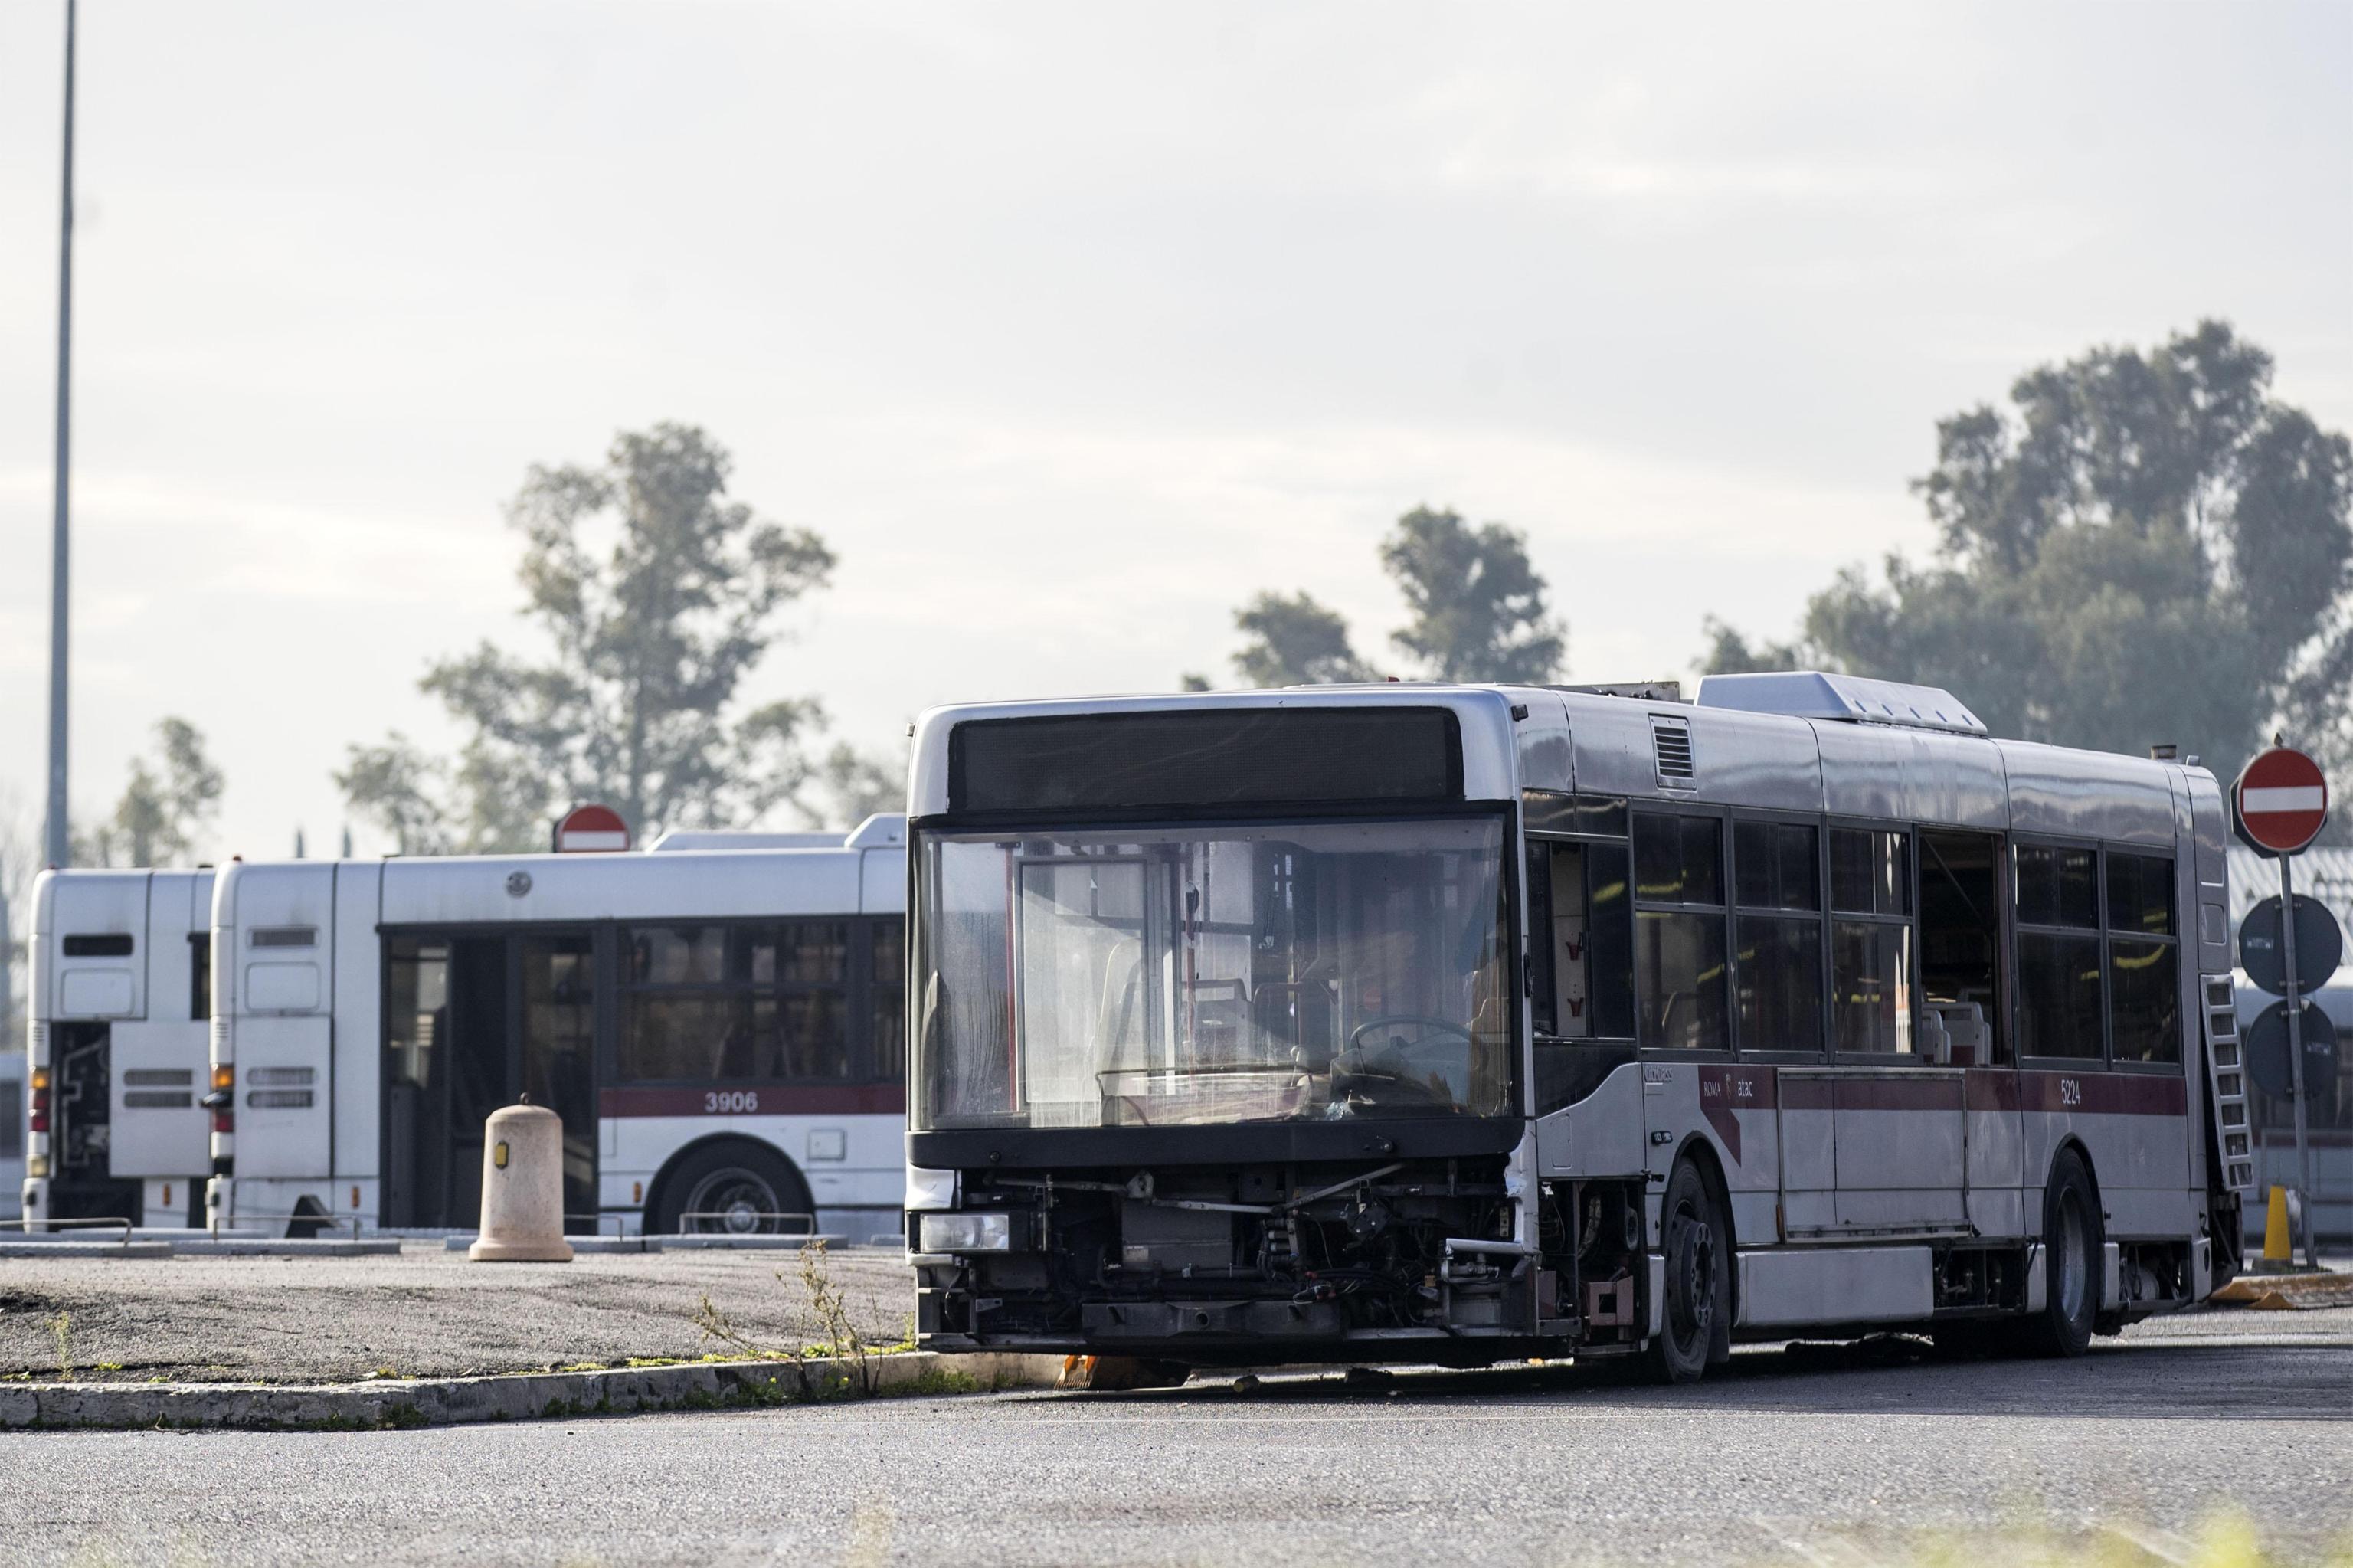 La porta del bus non si apre: autista aggredita da un passeggero